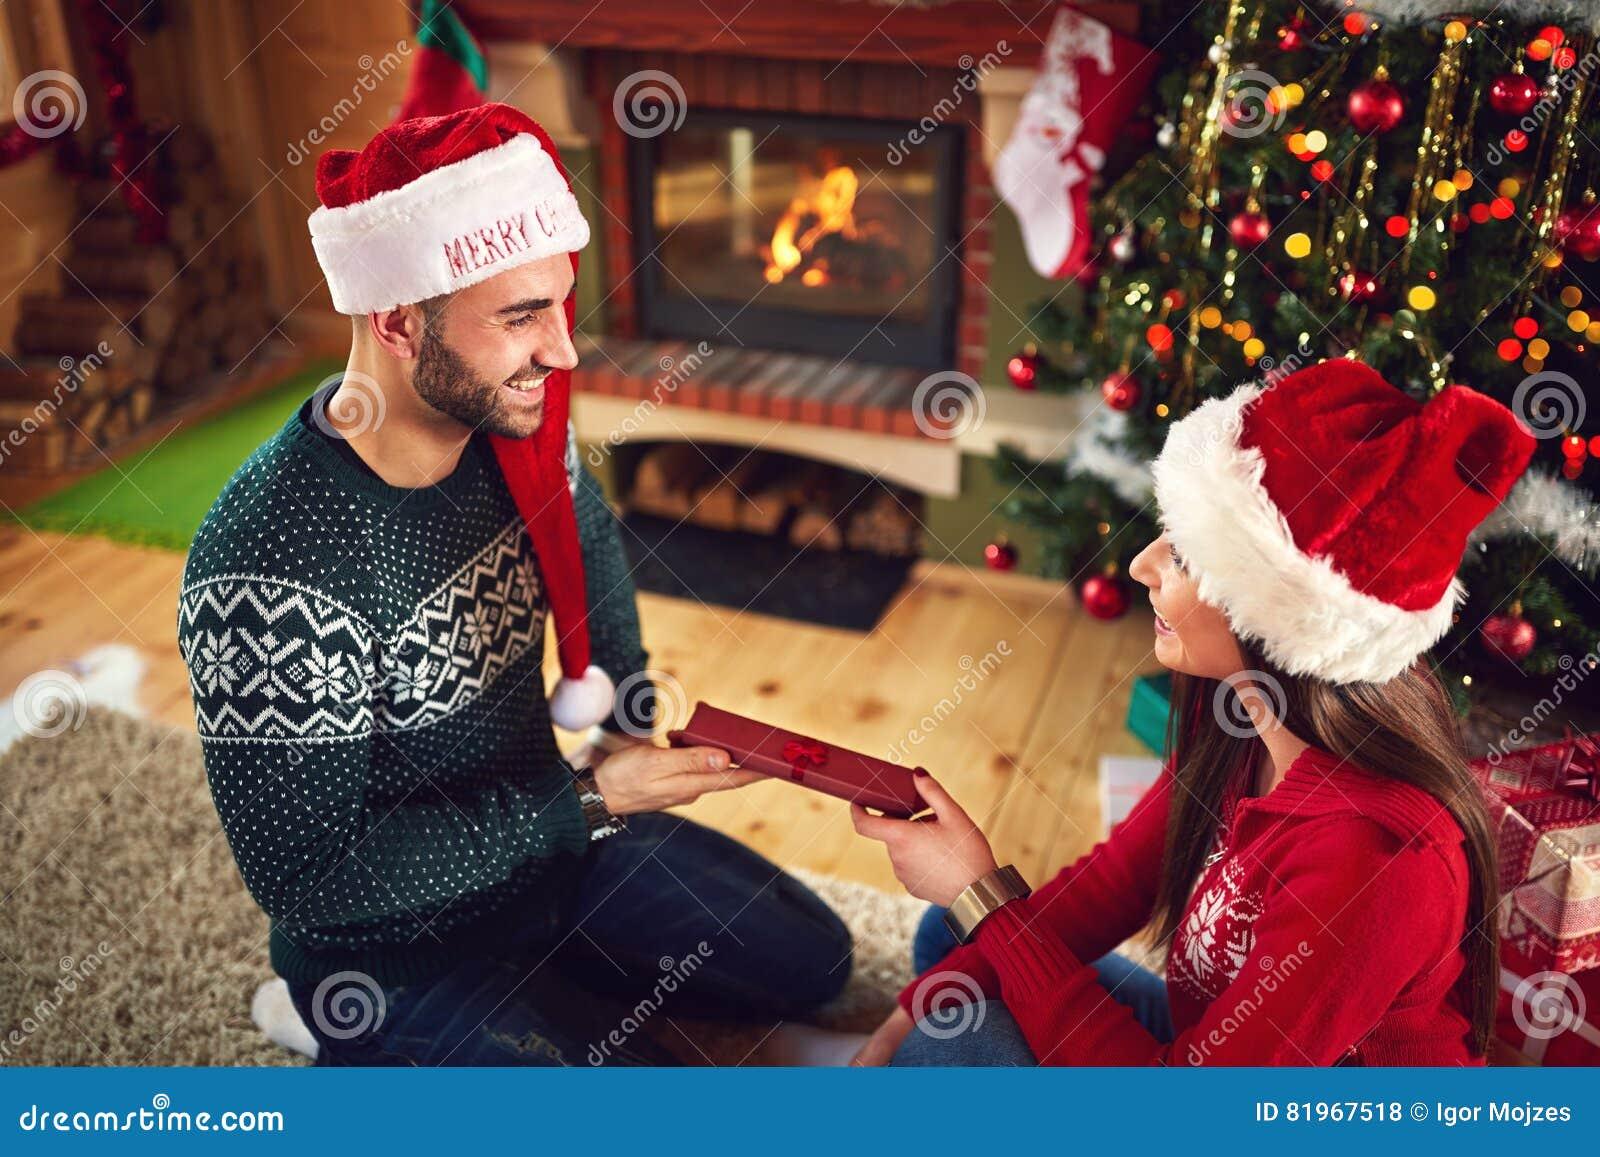 Mädchen Gibt Ihrem Freund Weihnachtsgeschenk Stockfoto - Bild von ...